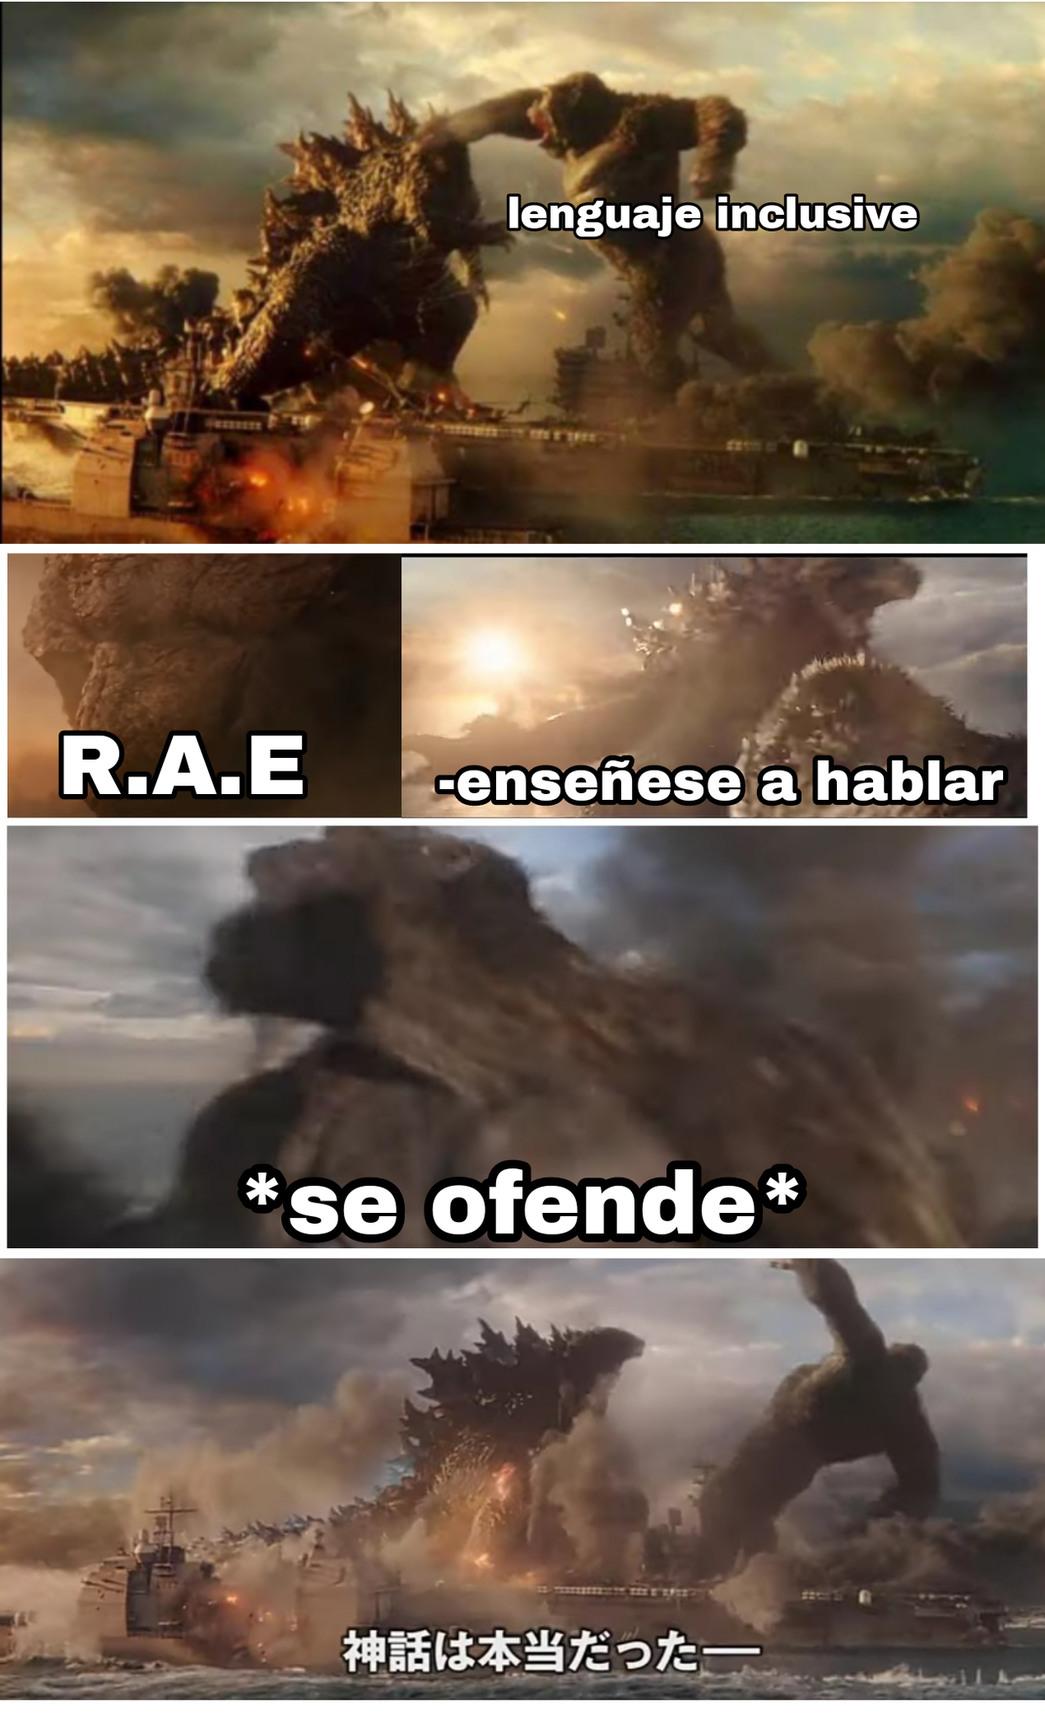 Viva el español - meme